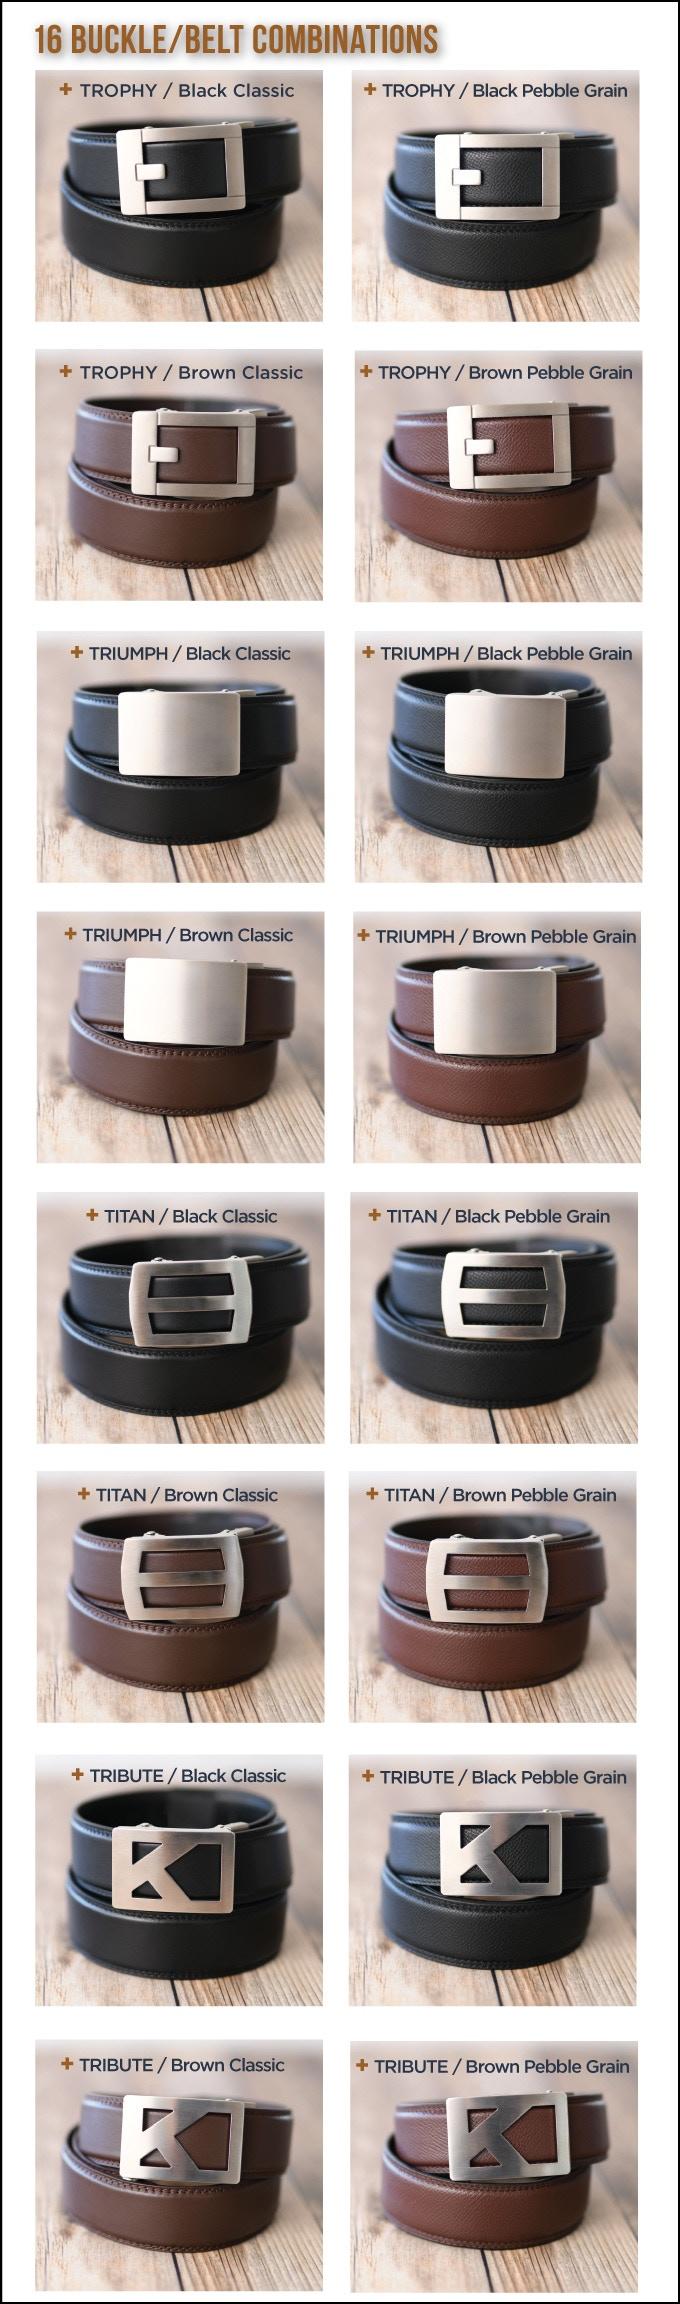 Kore Tek Belt By Karl Kozak Kickstarter Concealed carry gun belt comparison kore vs nexbelt vs anson. kore tek belt by karl kozak kickstarter